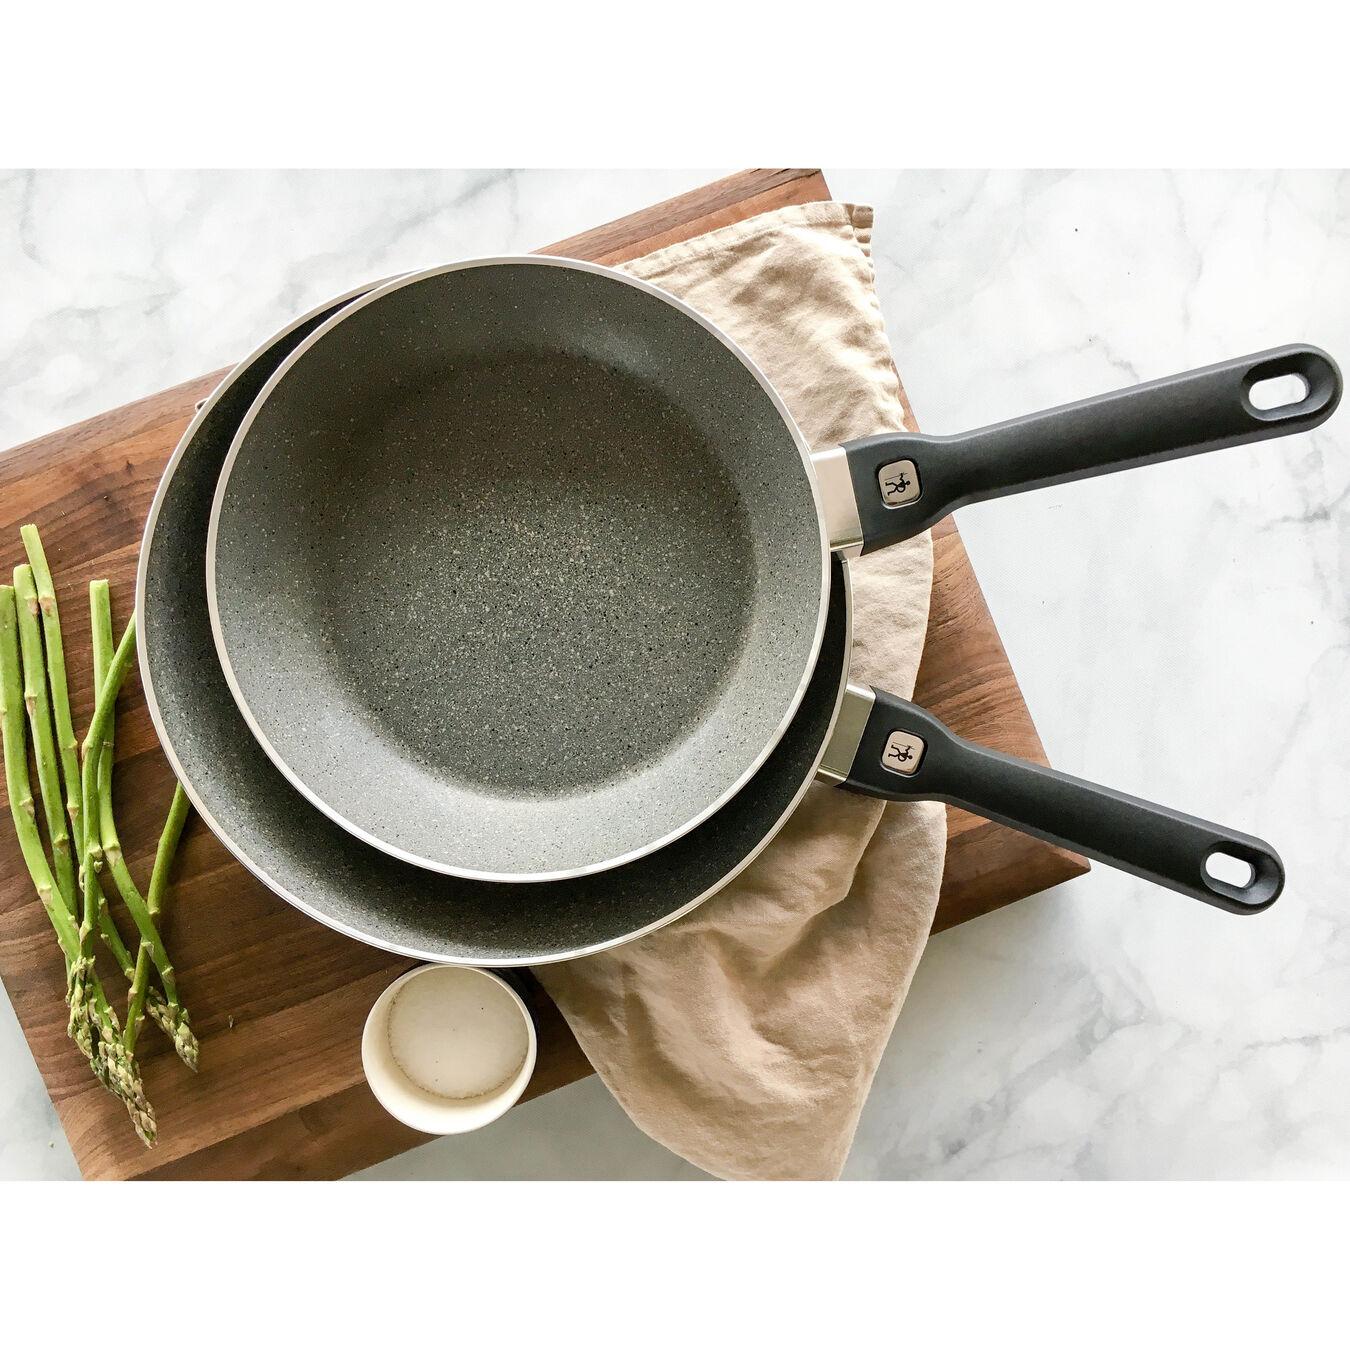 2-pc Aluminum Nonstick Fry Pan Set - Granite,,large 4